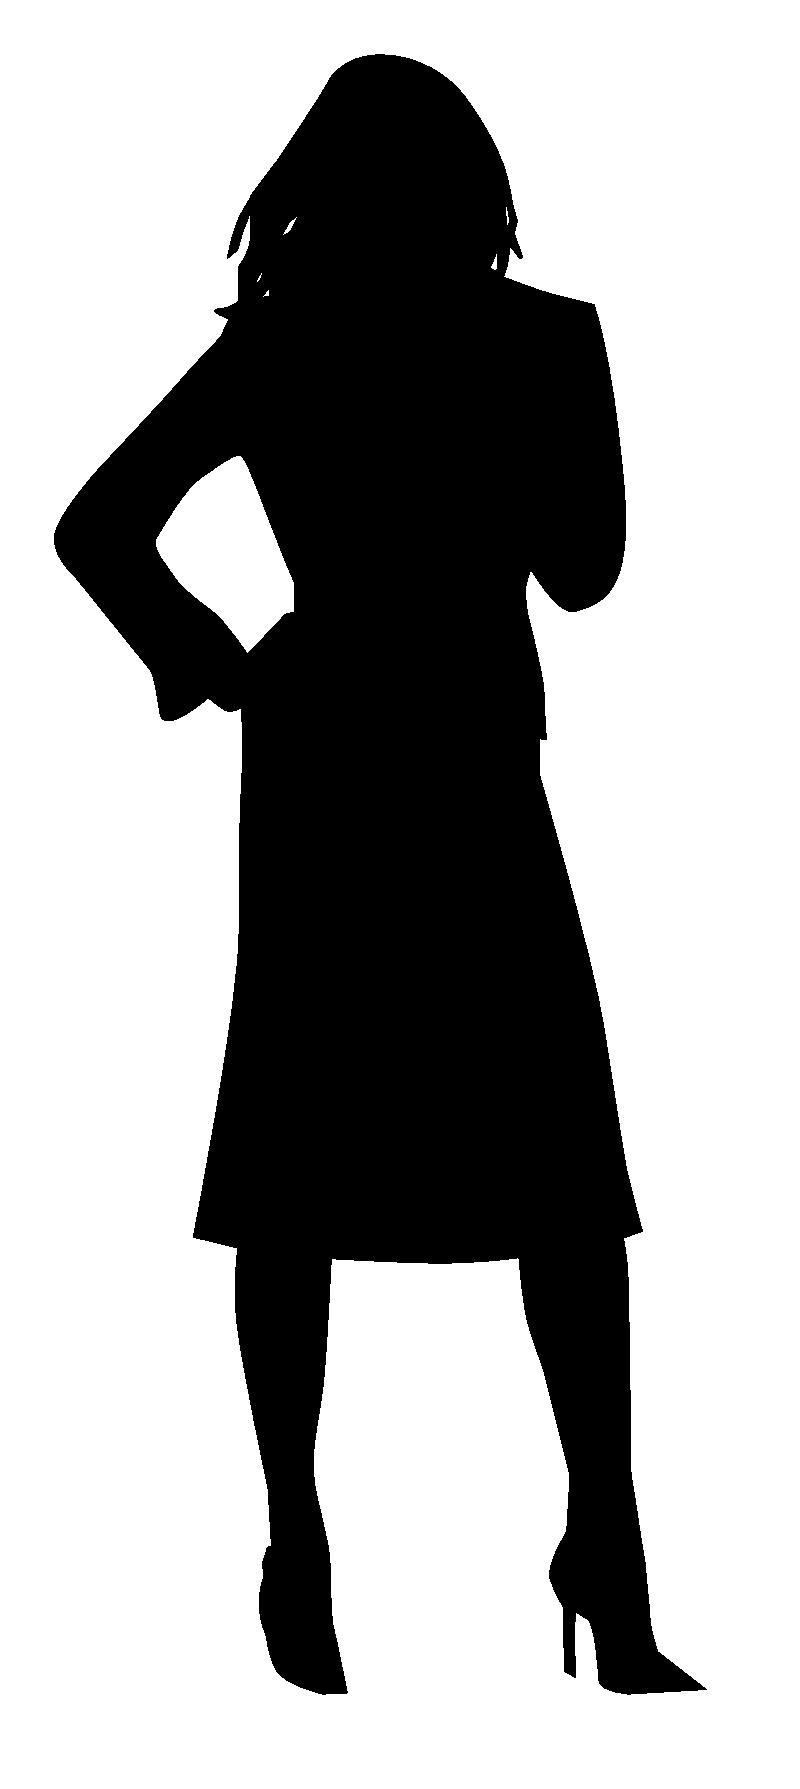 800x1789 Man Woman Silhouette Clip Art 101 Clip Art